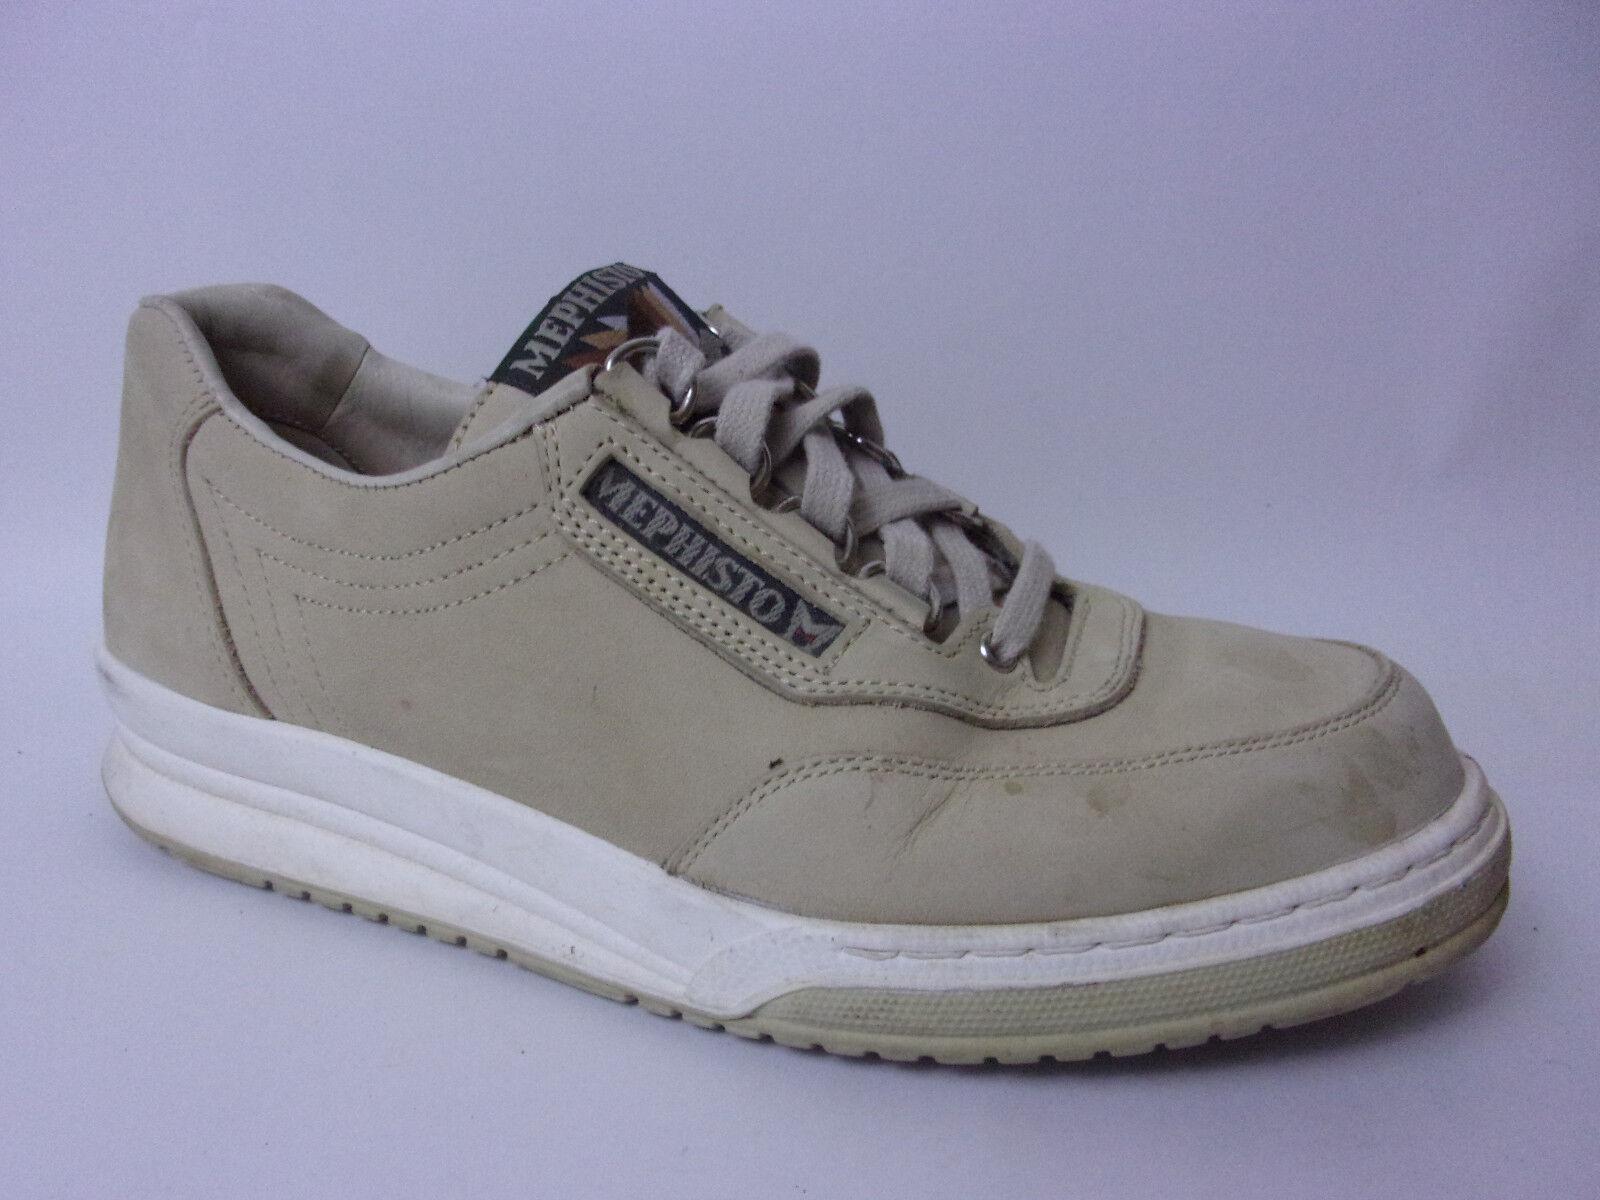 Mephisto mujer 7 Med Beige Cuero Zapatos Para Caminar Deporte Tenis Casuales Oxford